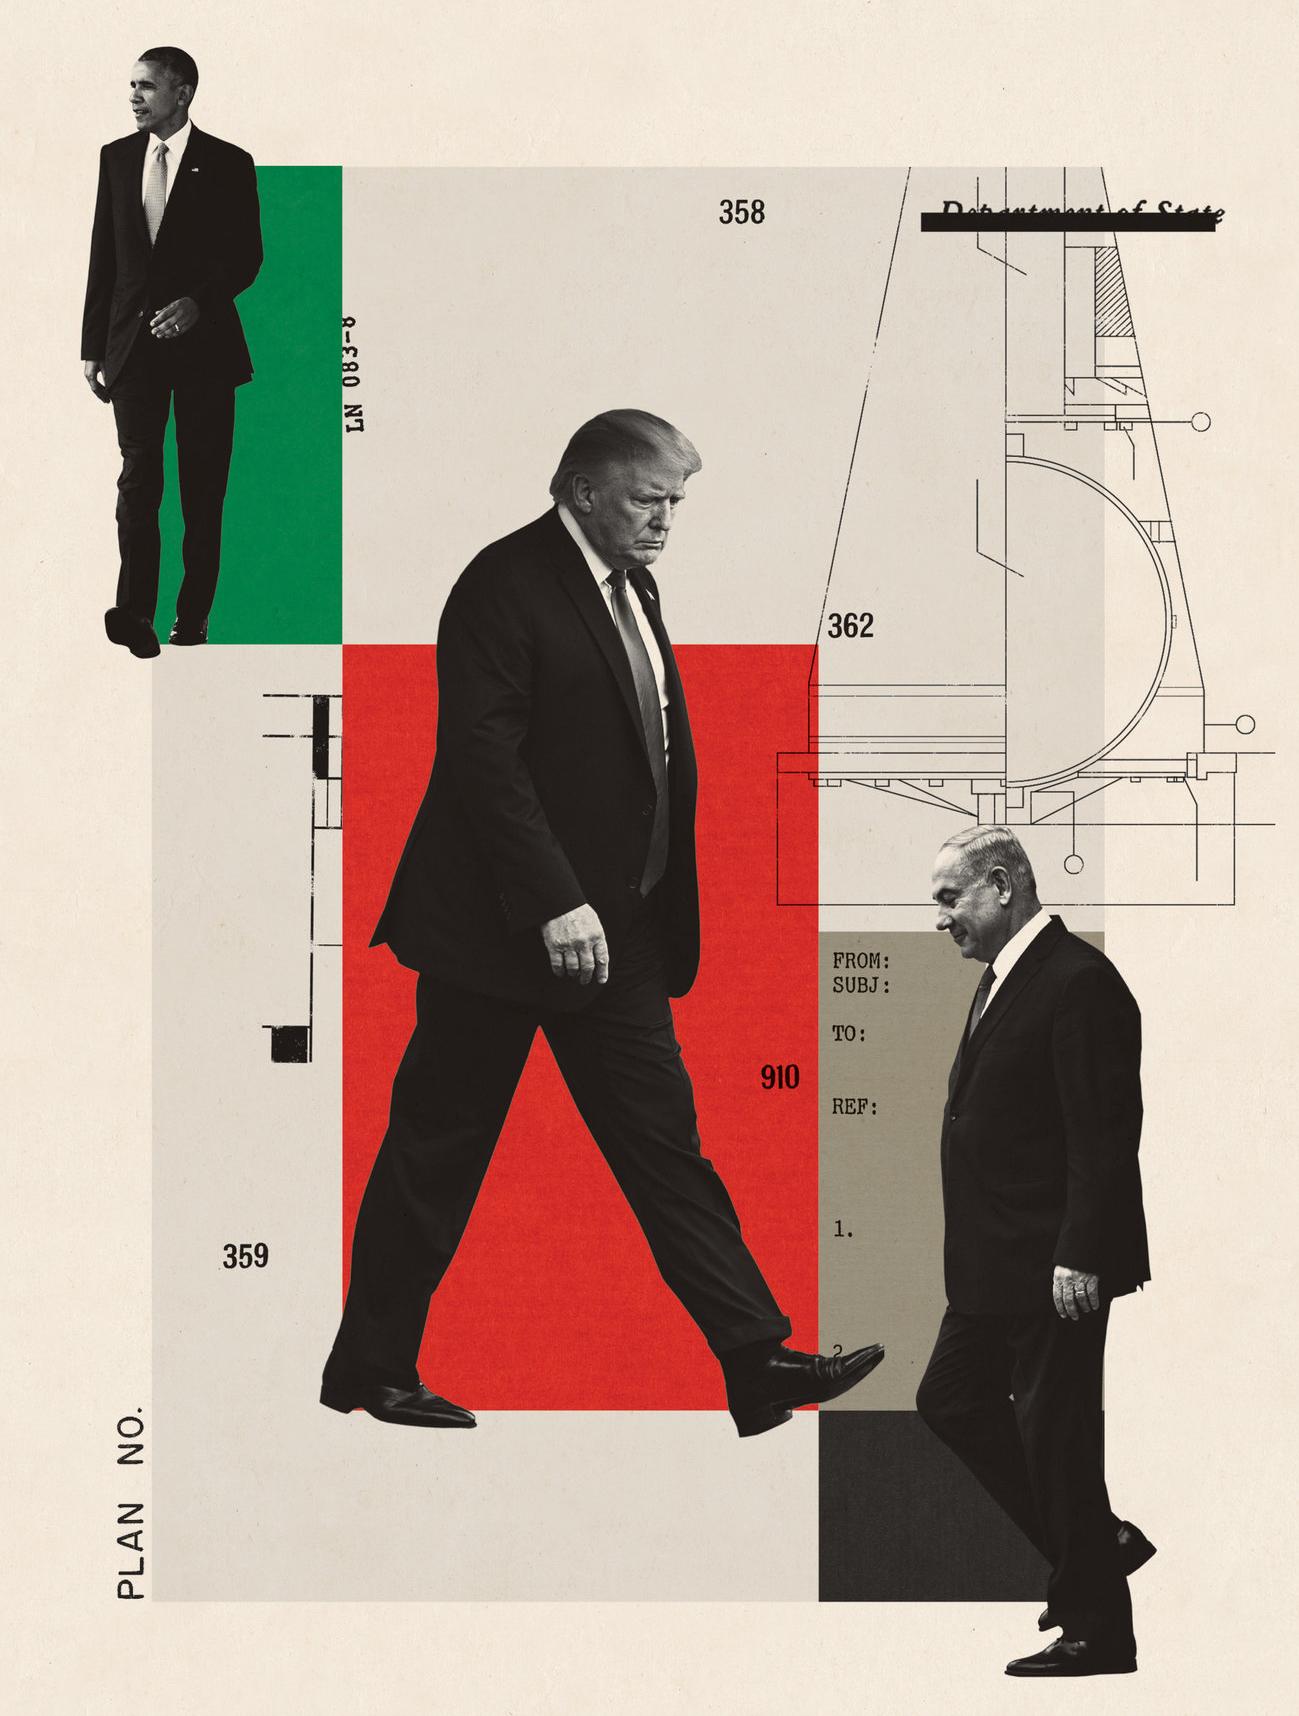 گزارش نیویورکتایمز از تلاش تندروها برای وقوع جنگ ایران و آمریکا